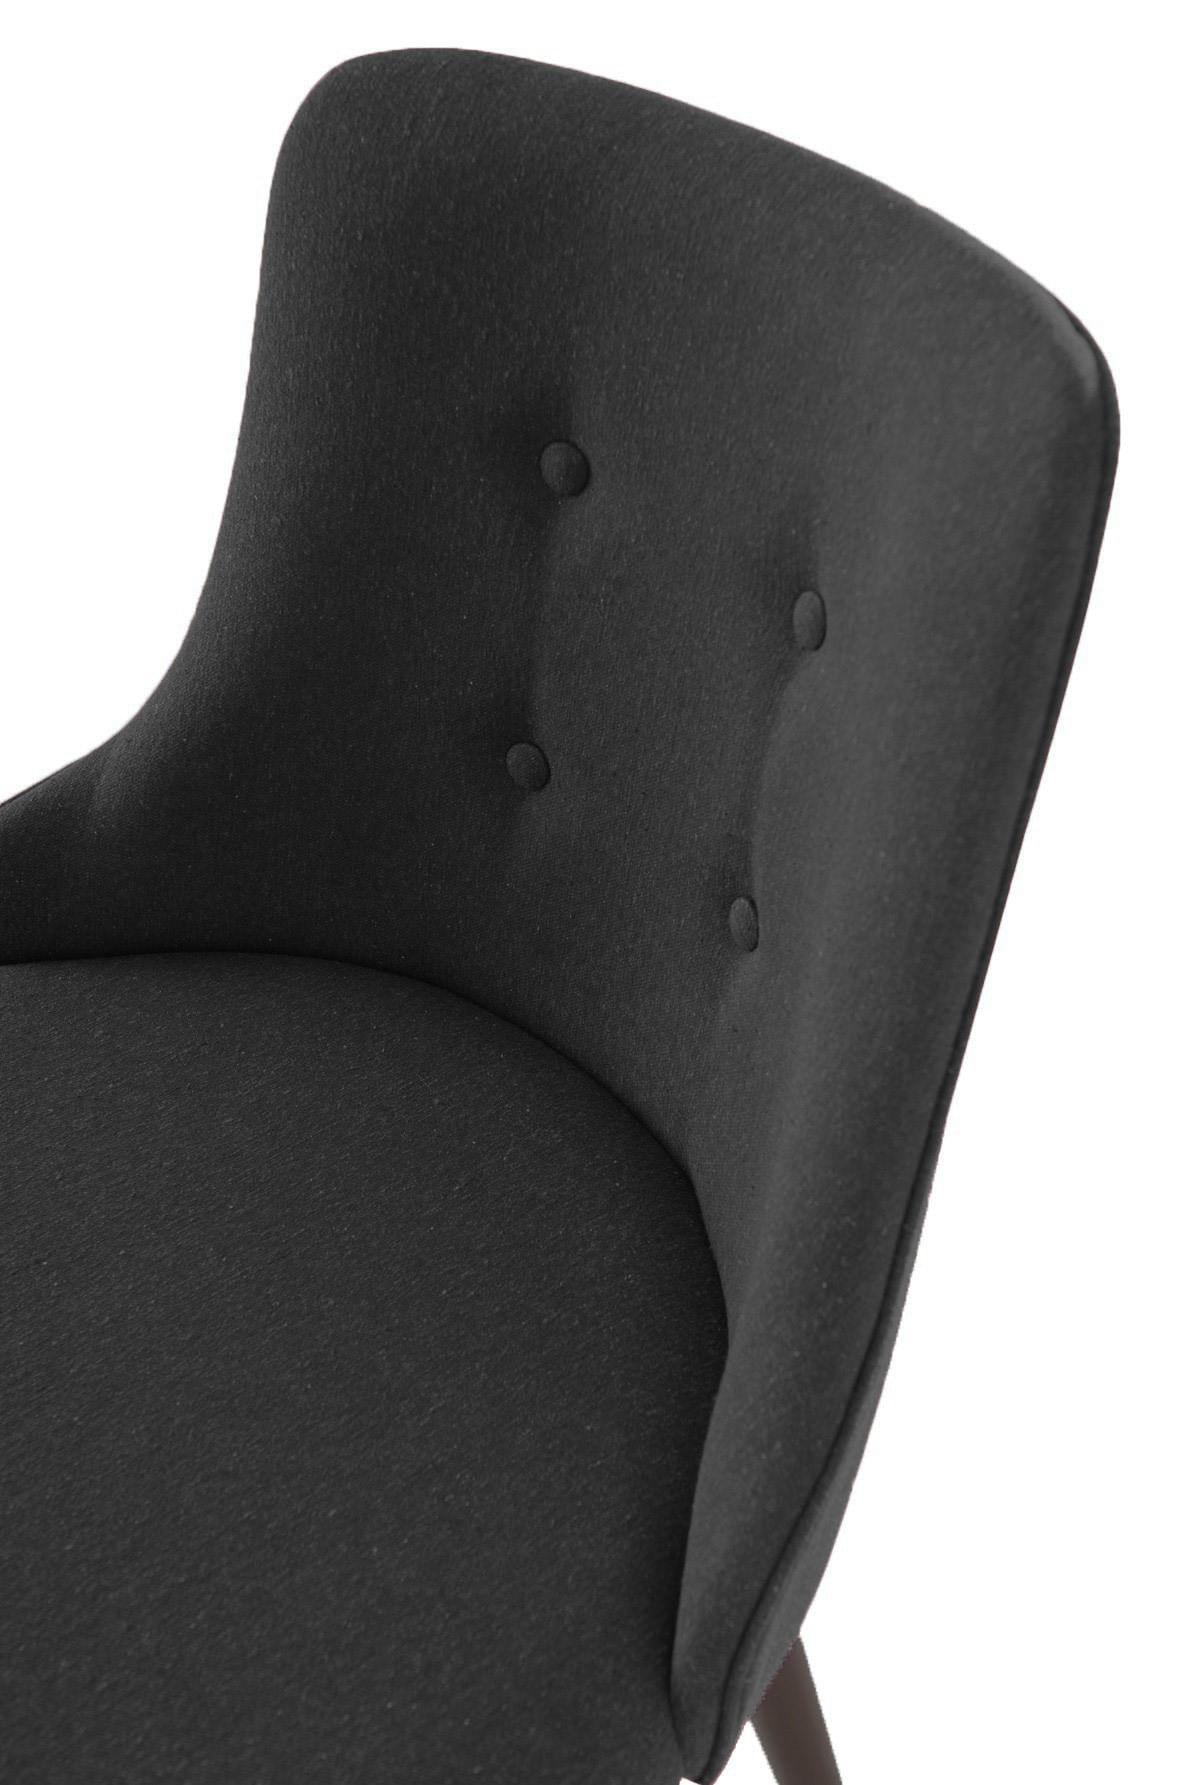 Cadeira Francis Assento Rustico Preto com Base Tabaco - 46693